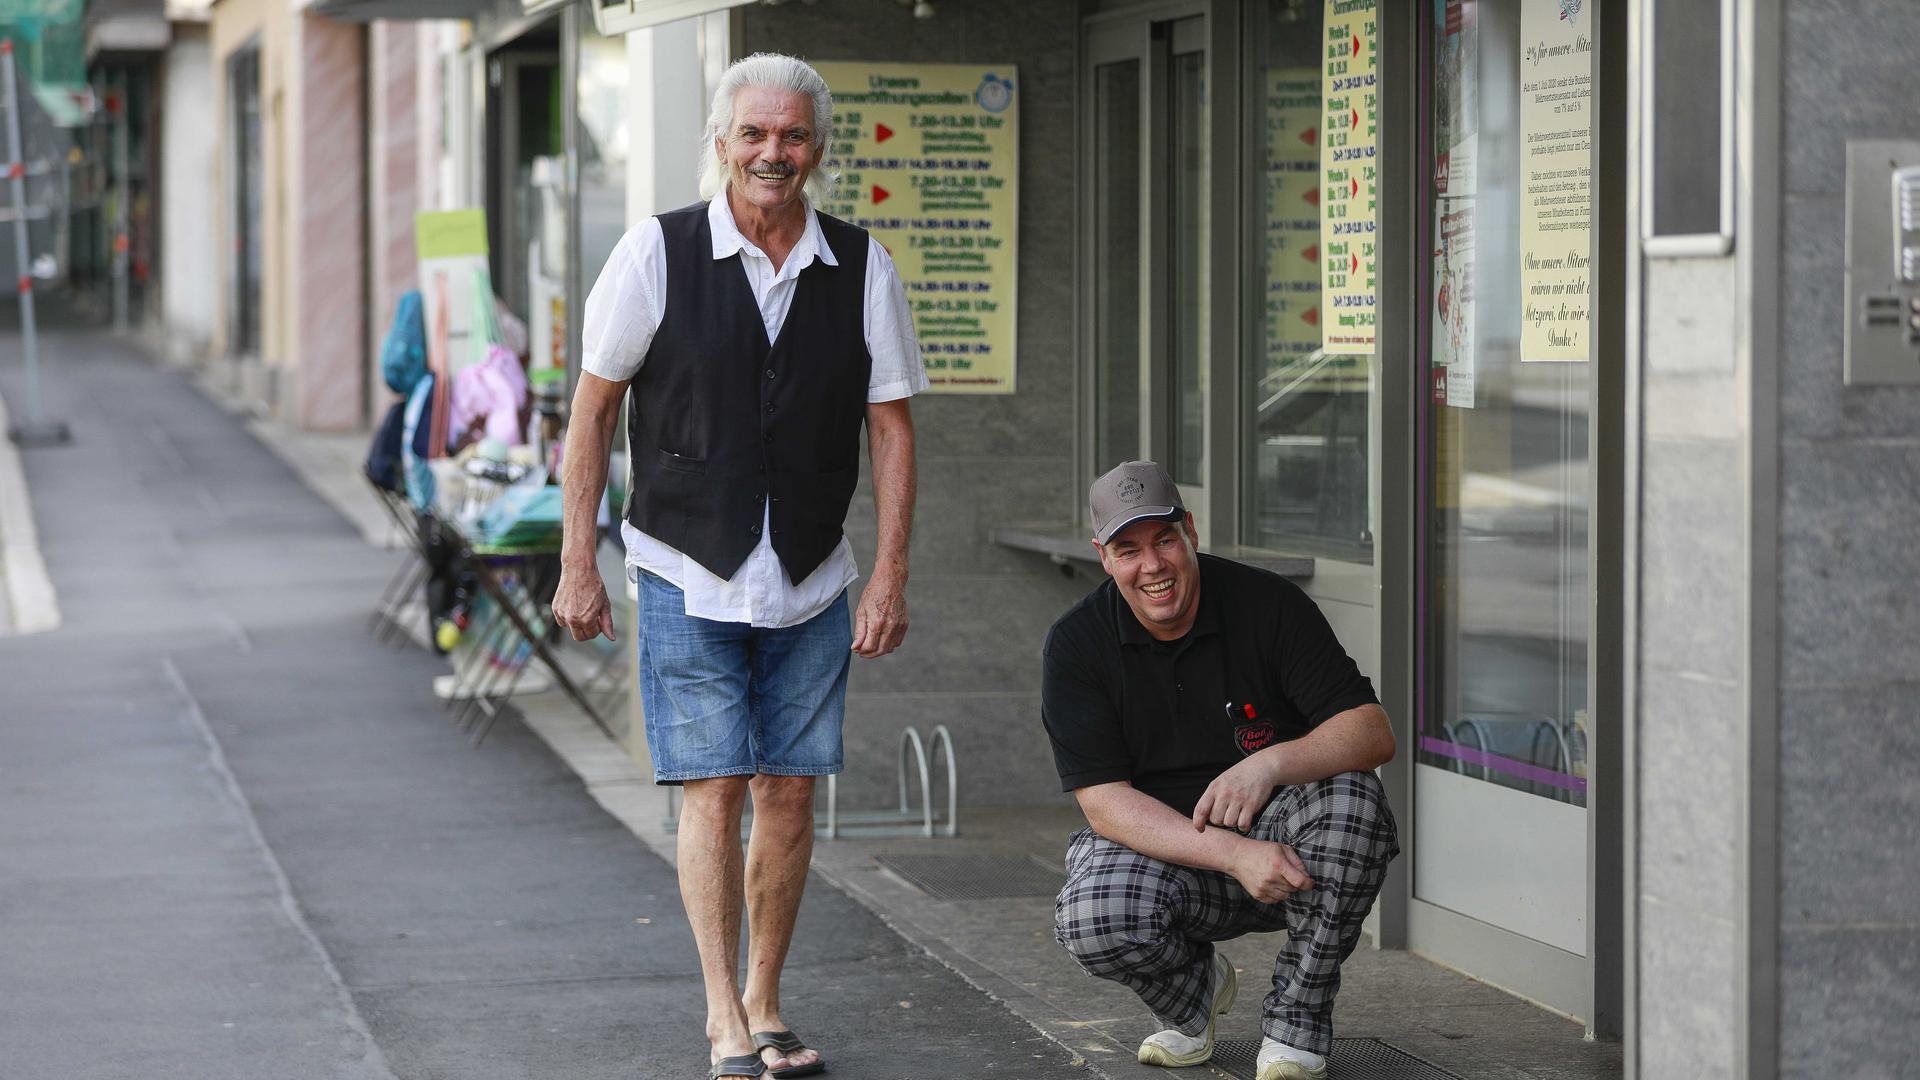 Axel Zickwolff und Georg Heller (links) vor Zickwolfs Geschäft. Foto: Arnd Waidelich